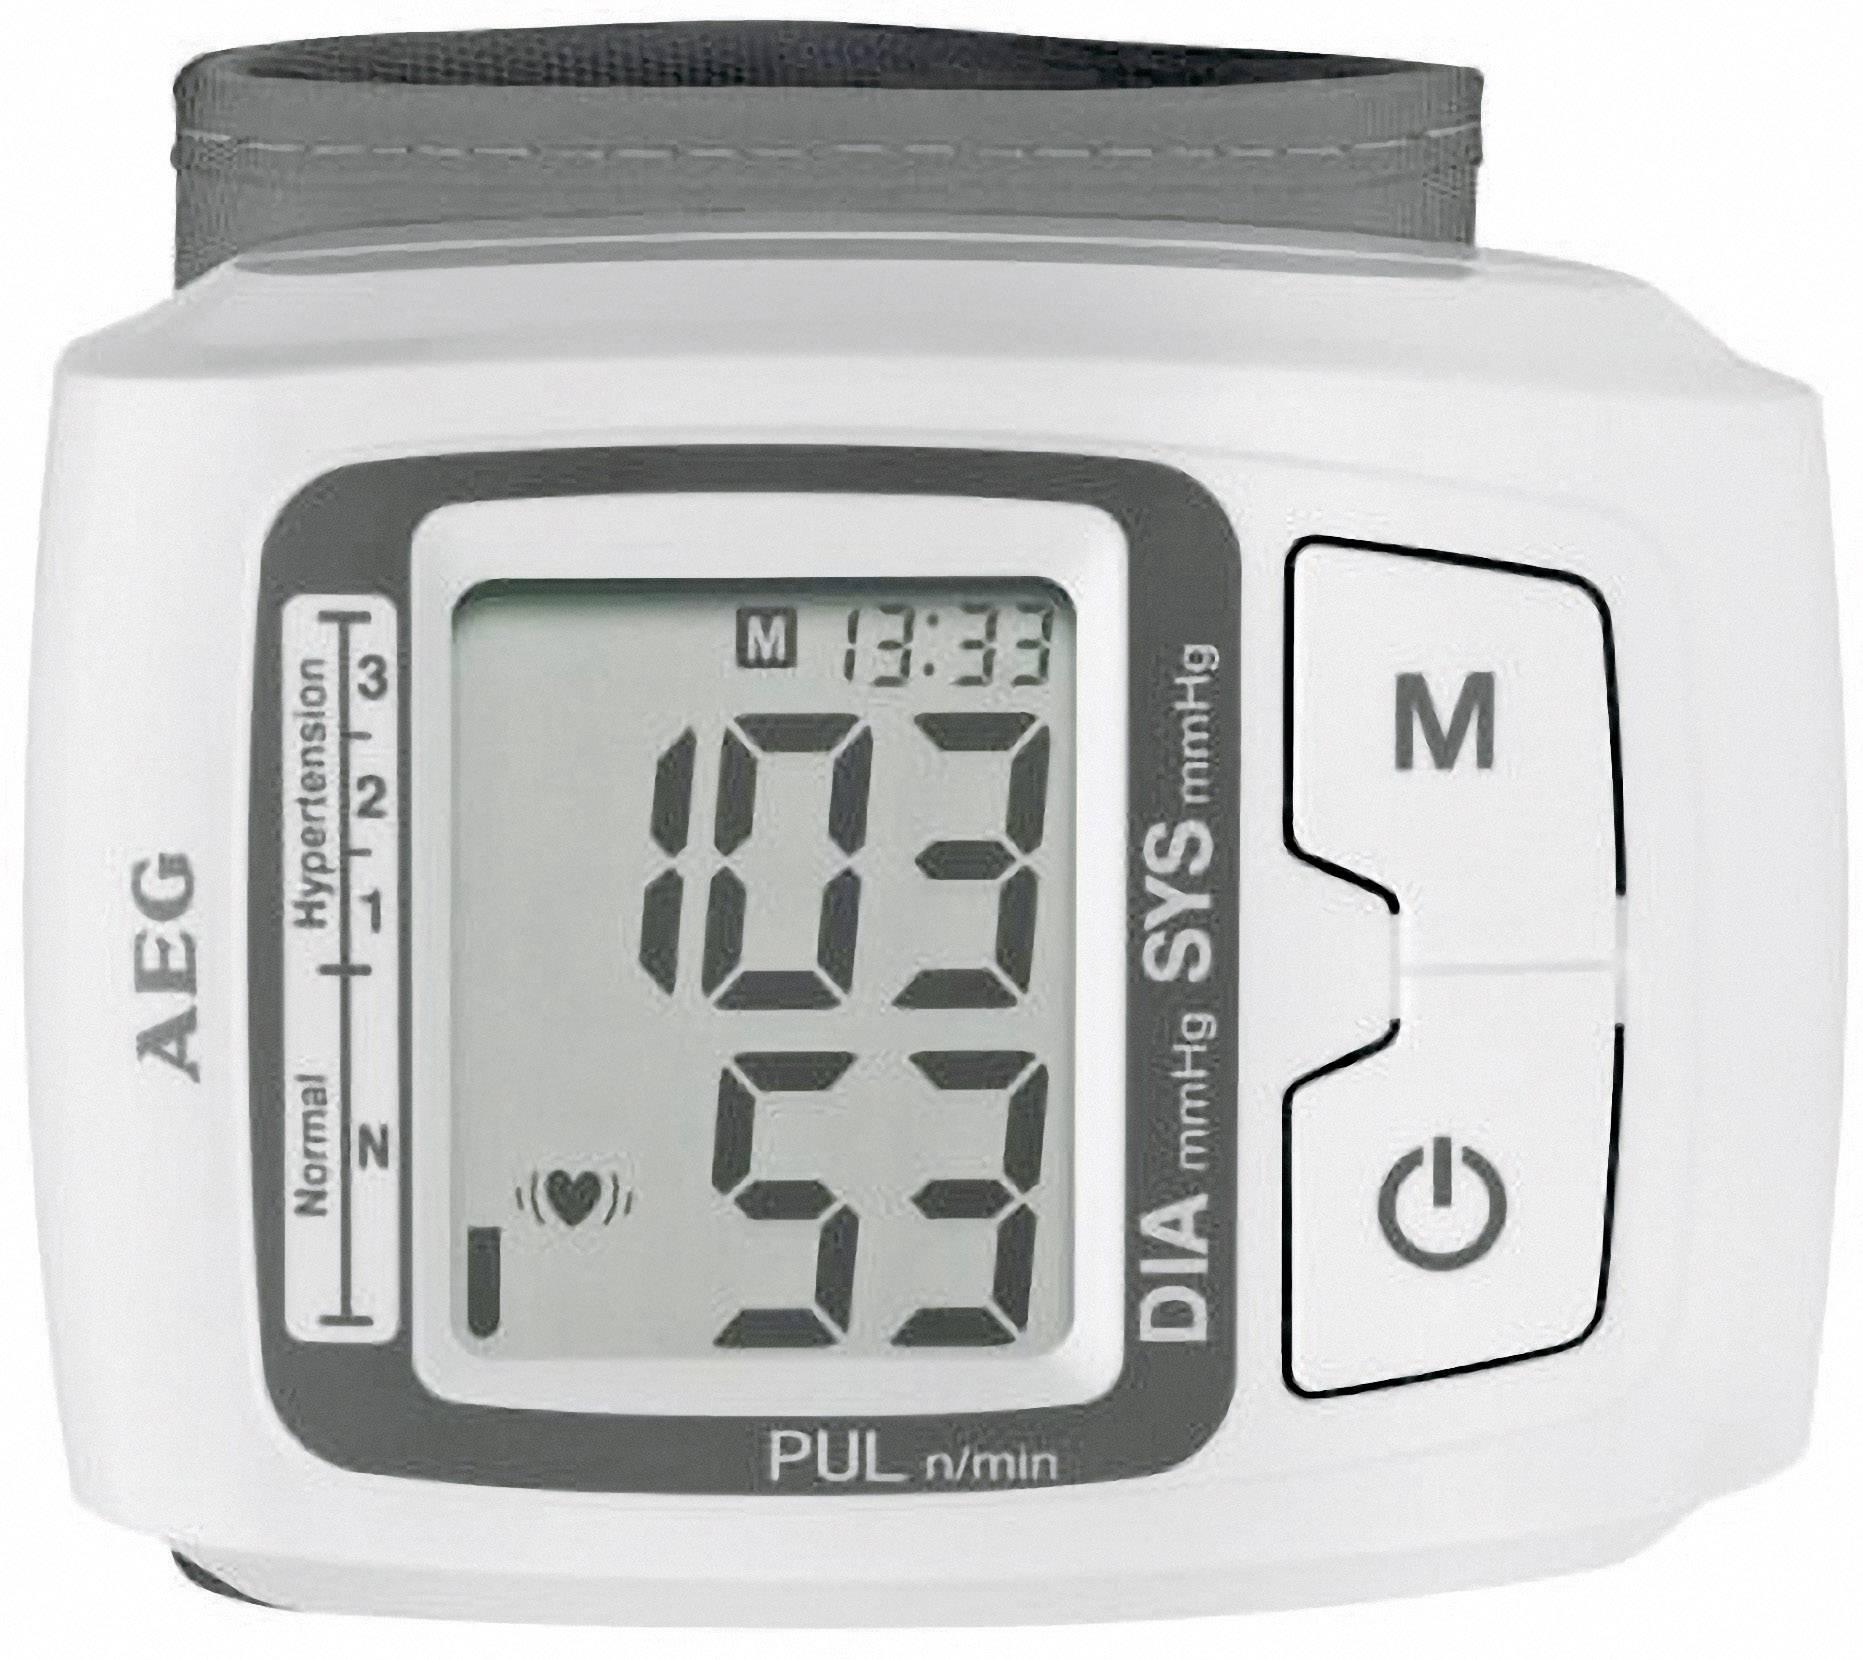 Zdravotnícky tlakomer na zápästie AEG BMG 5610 520610